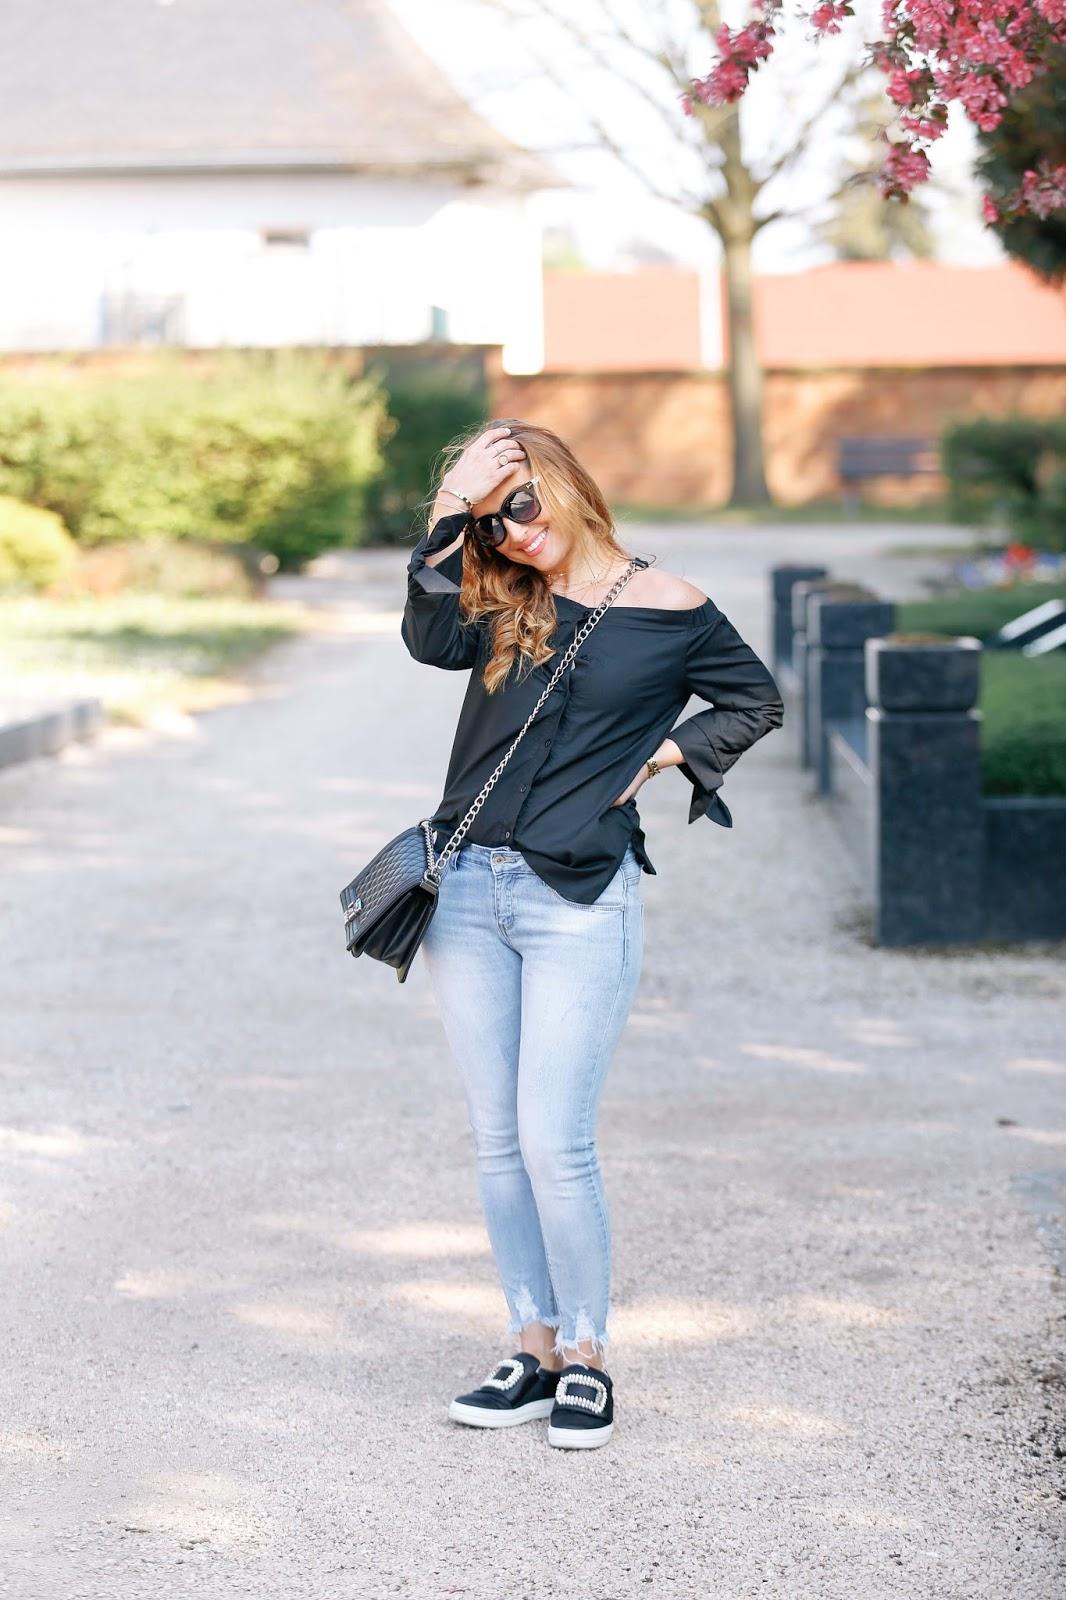 Fashionblogger-aus-deutschland-blogger-aus-frankfurt-fashionstylebyjohanna-casual-chic-Outfit -fashionstylebyjohanna